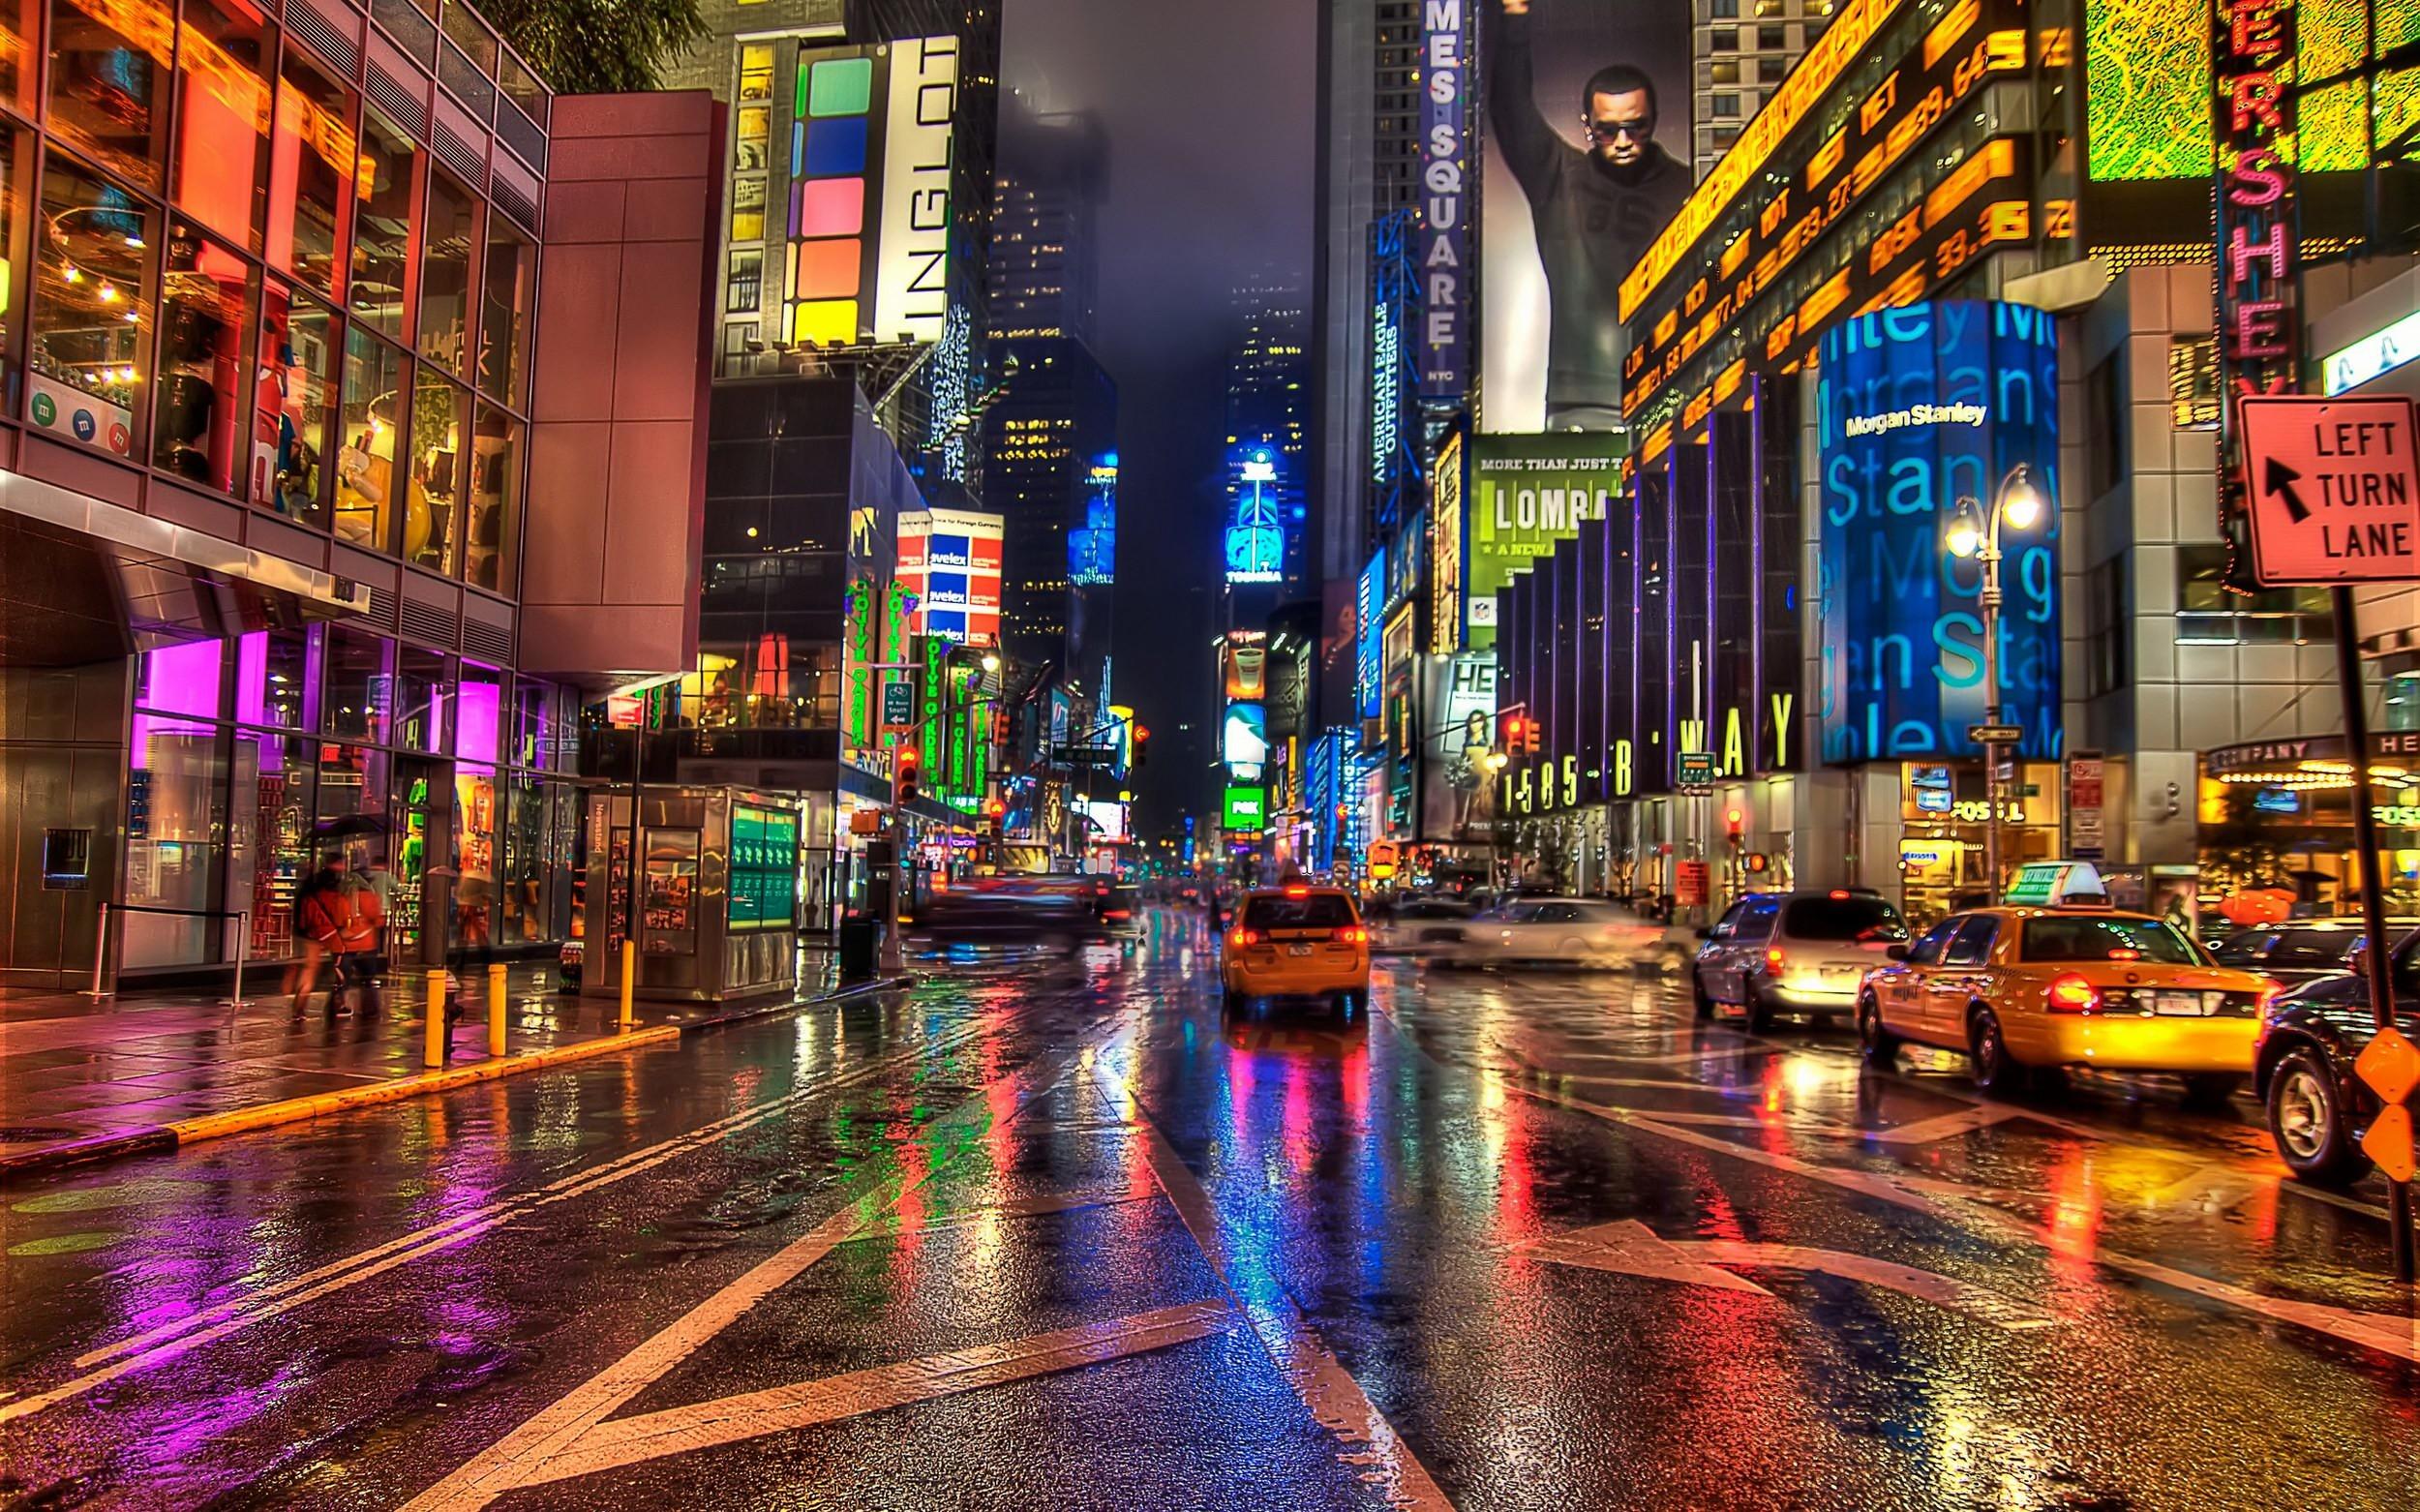 New York City 4k Wallpaper 38 Images